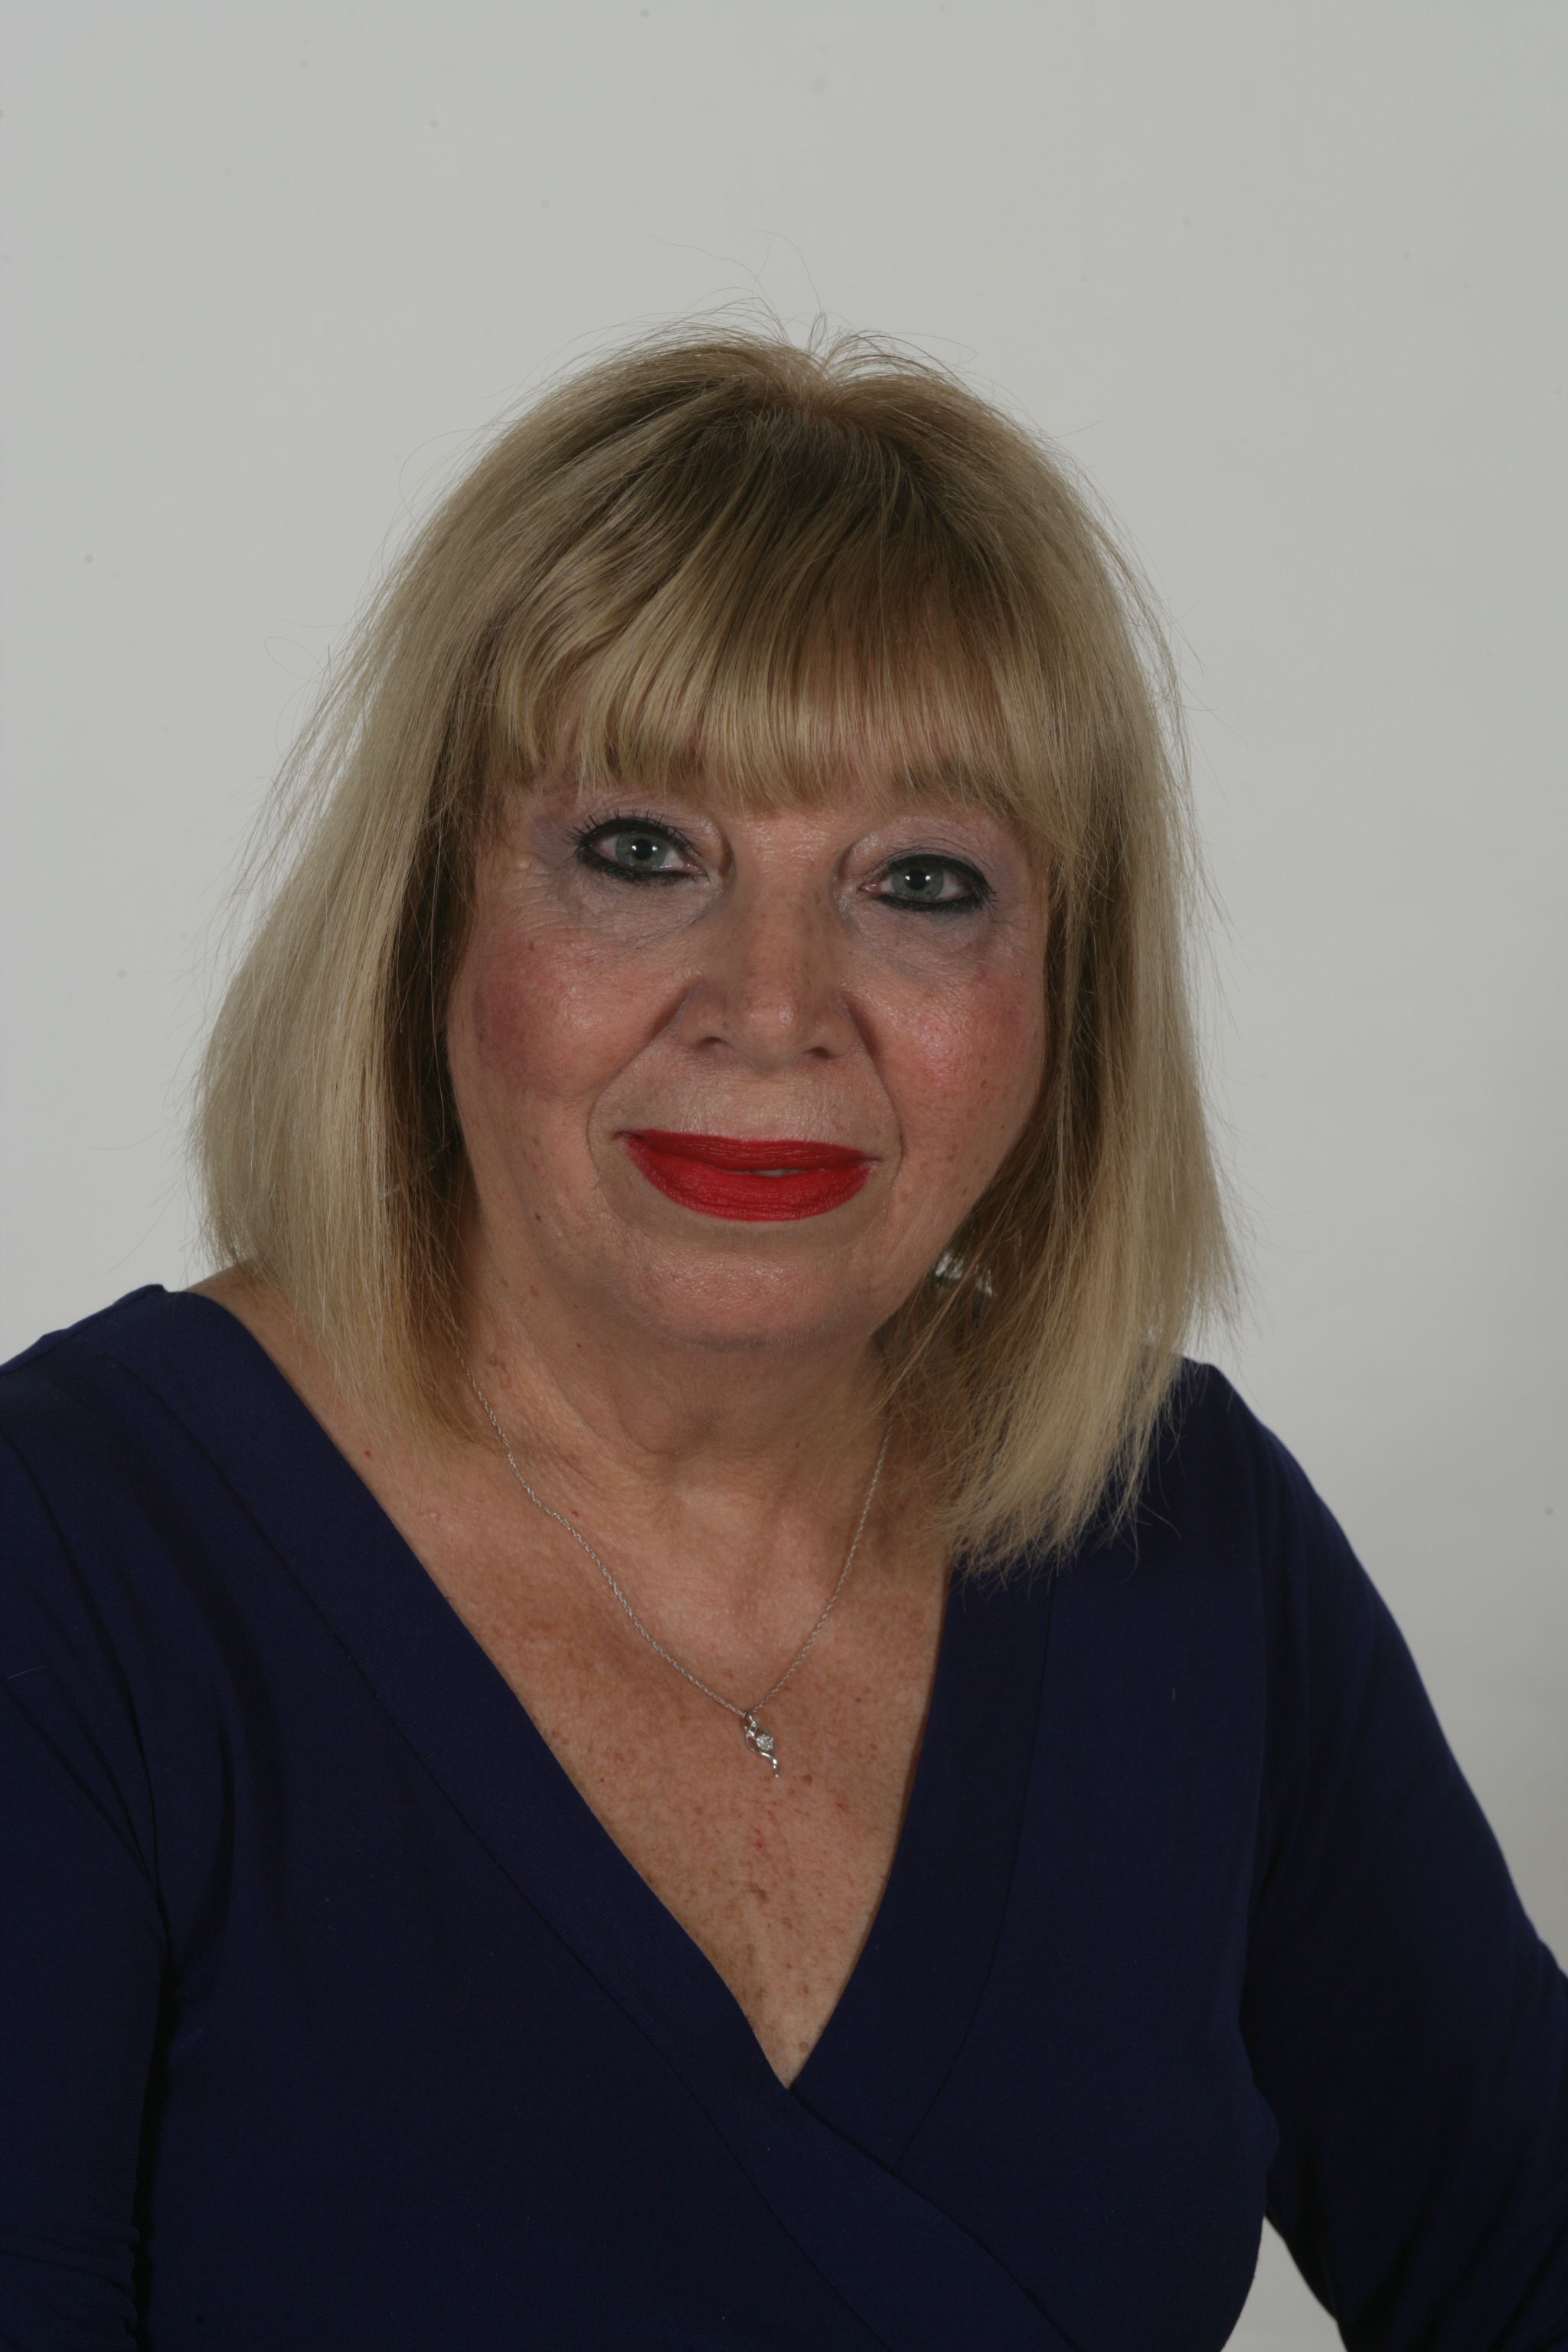 Maggie Smit